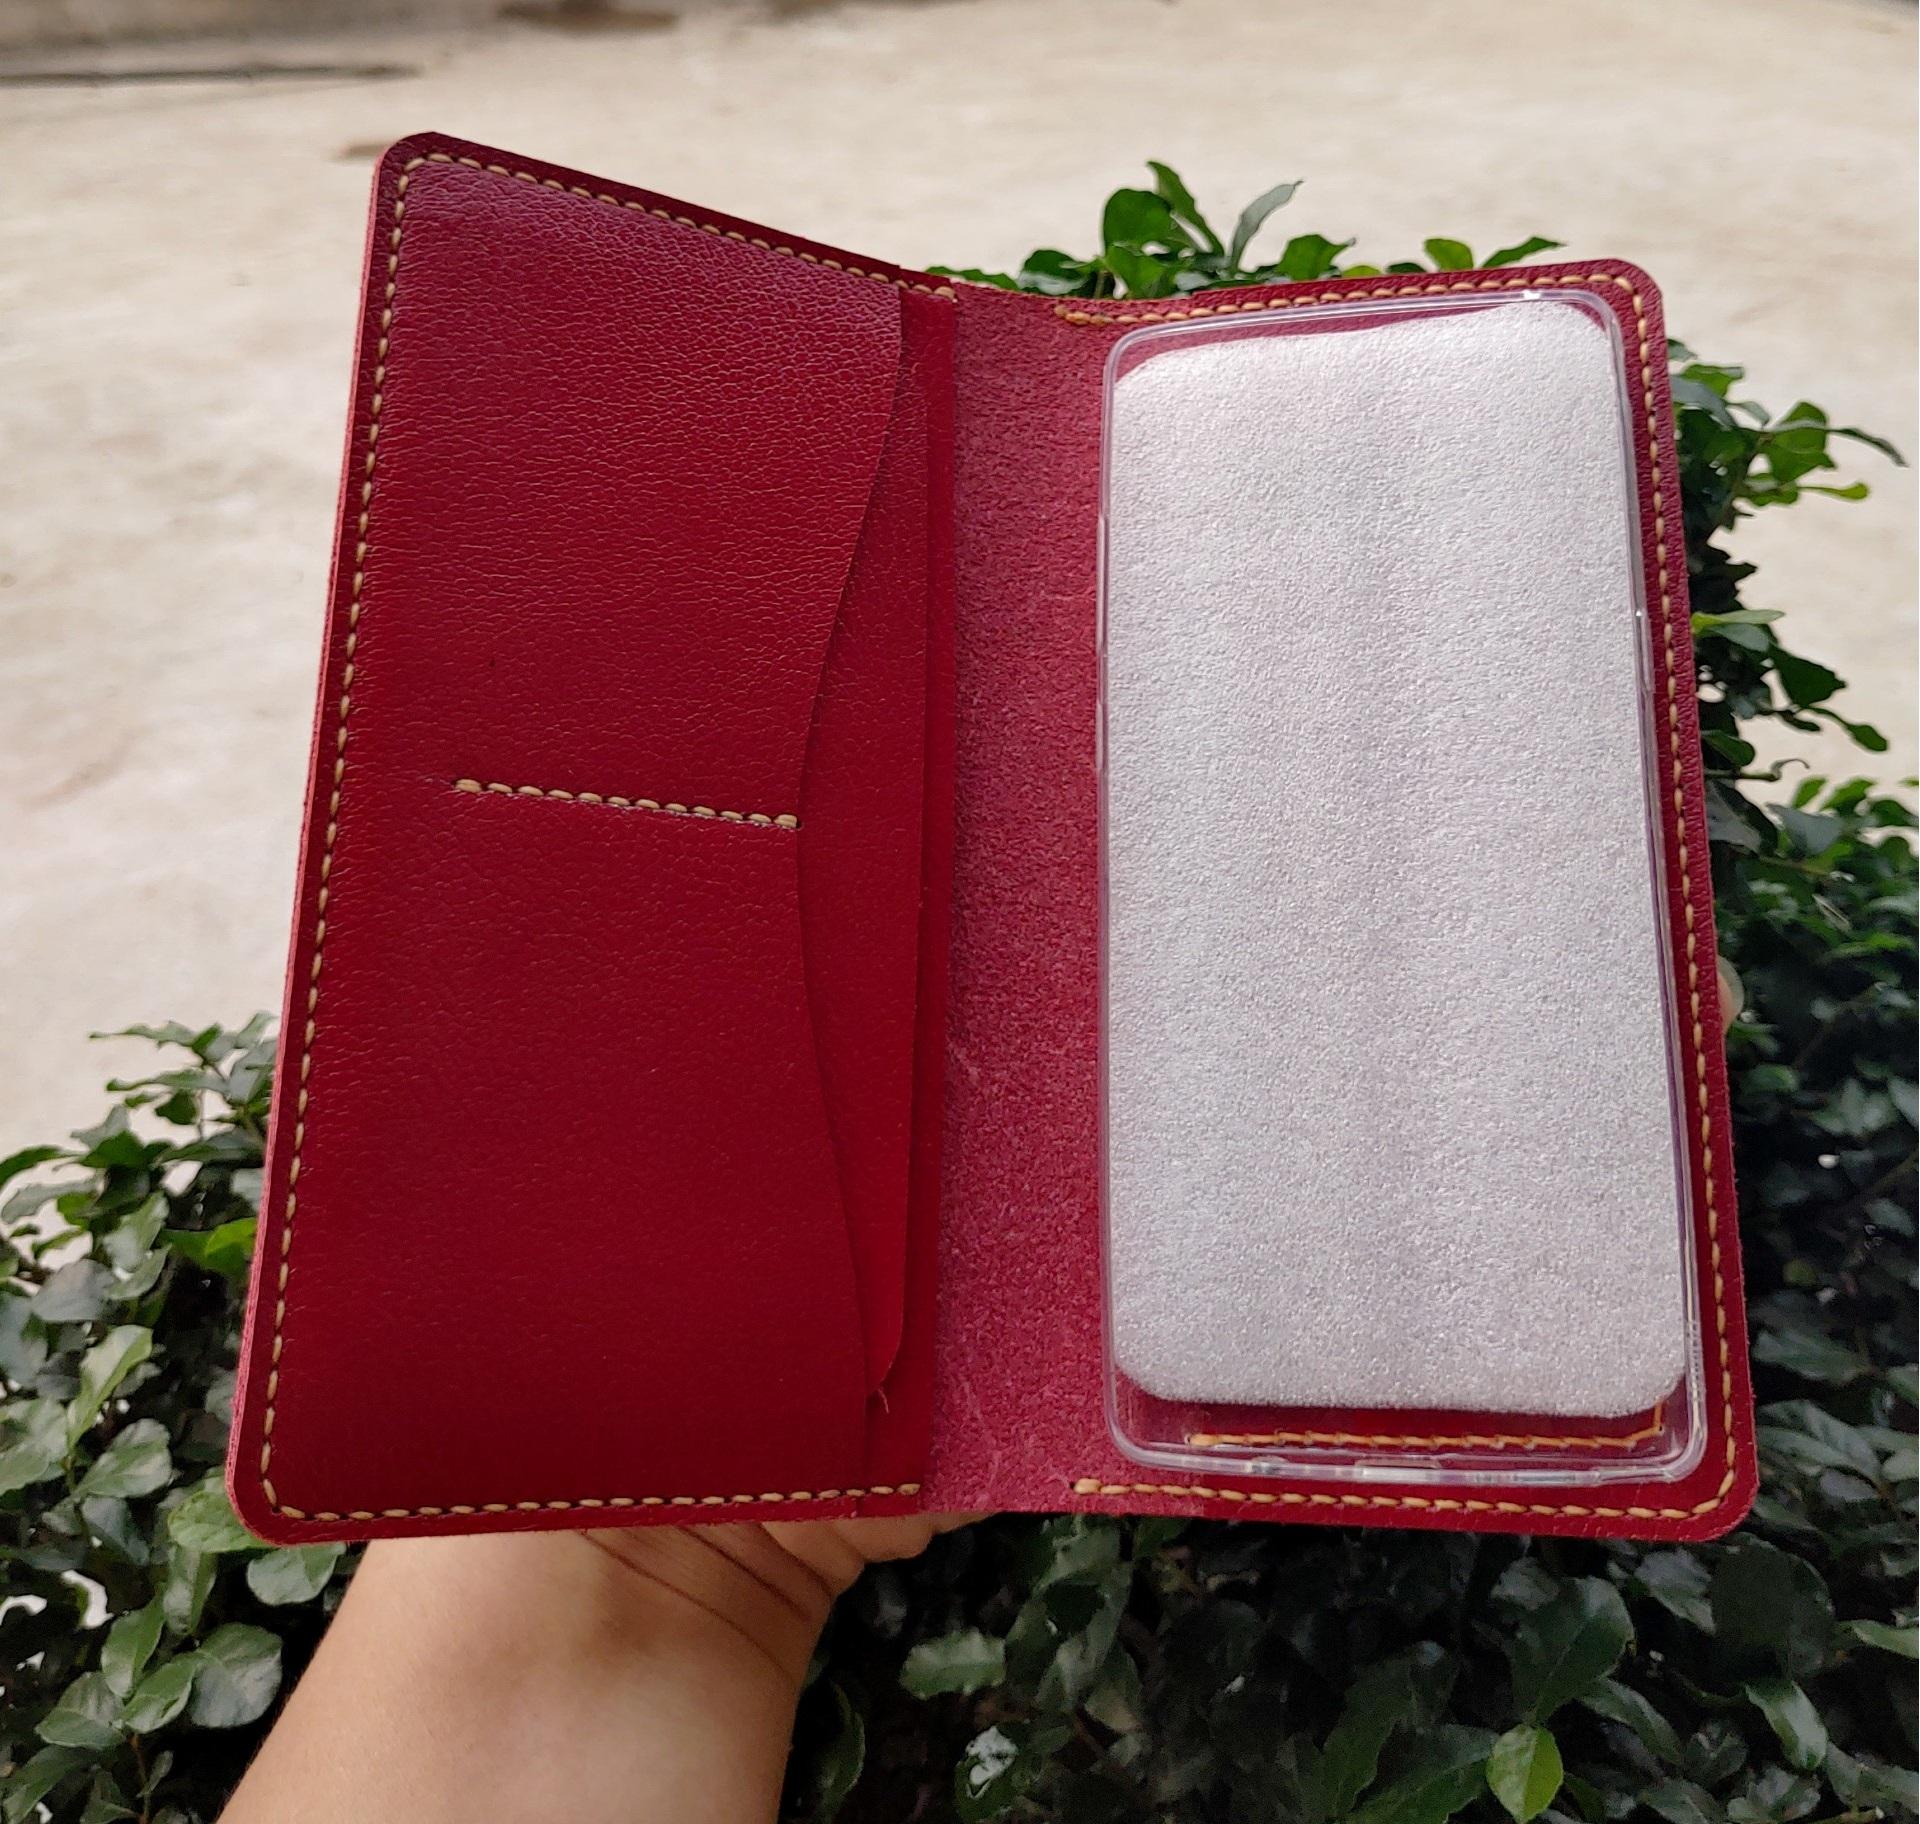 Bao da kiêm ốp lưng và ví cầm tay cho điện thoại samsung galaxy Note 8-6